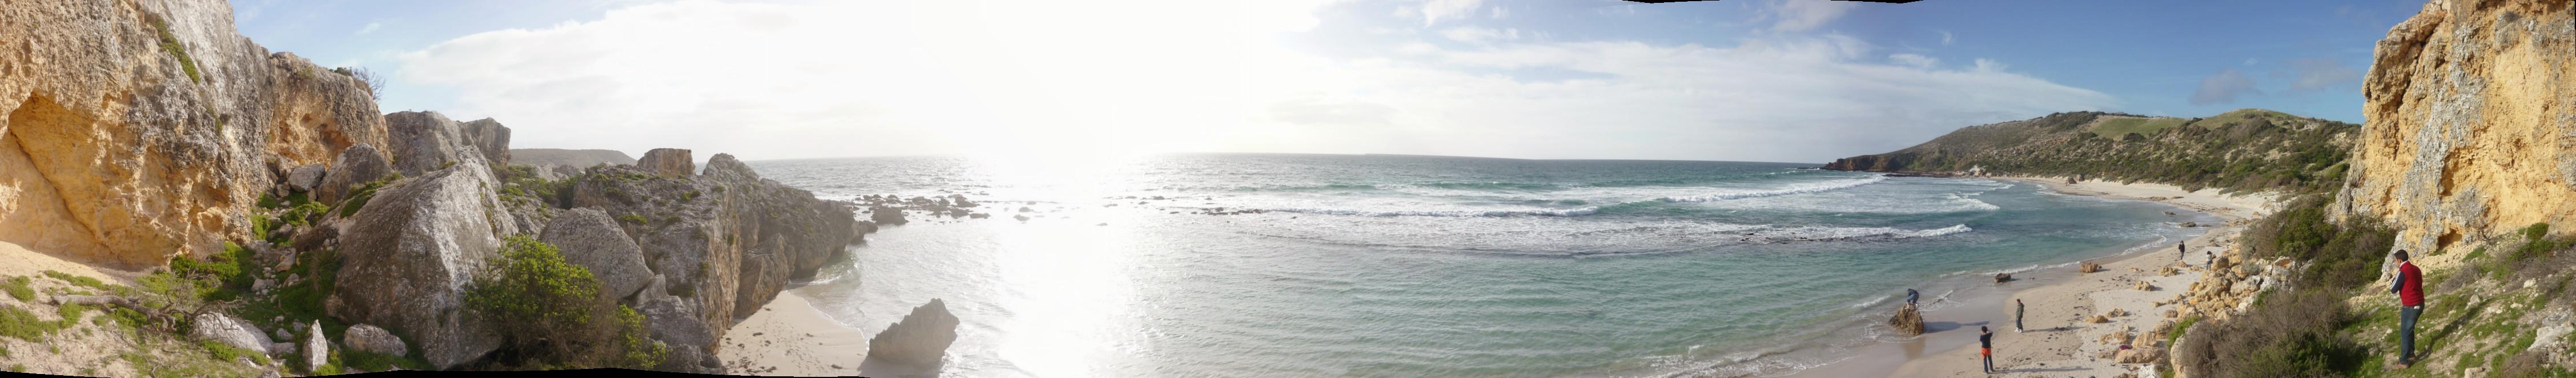 shoal-bay-panoramica